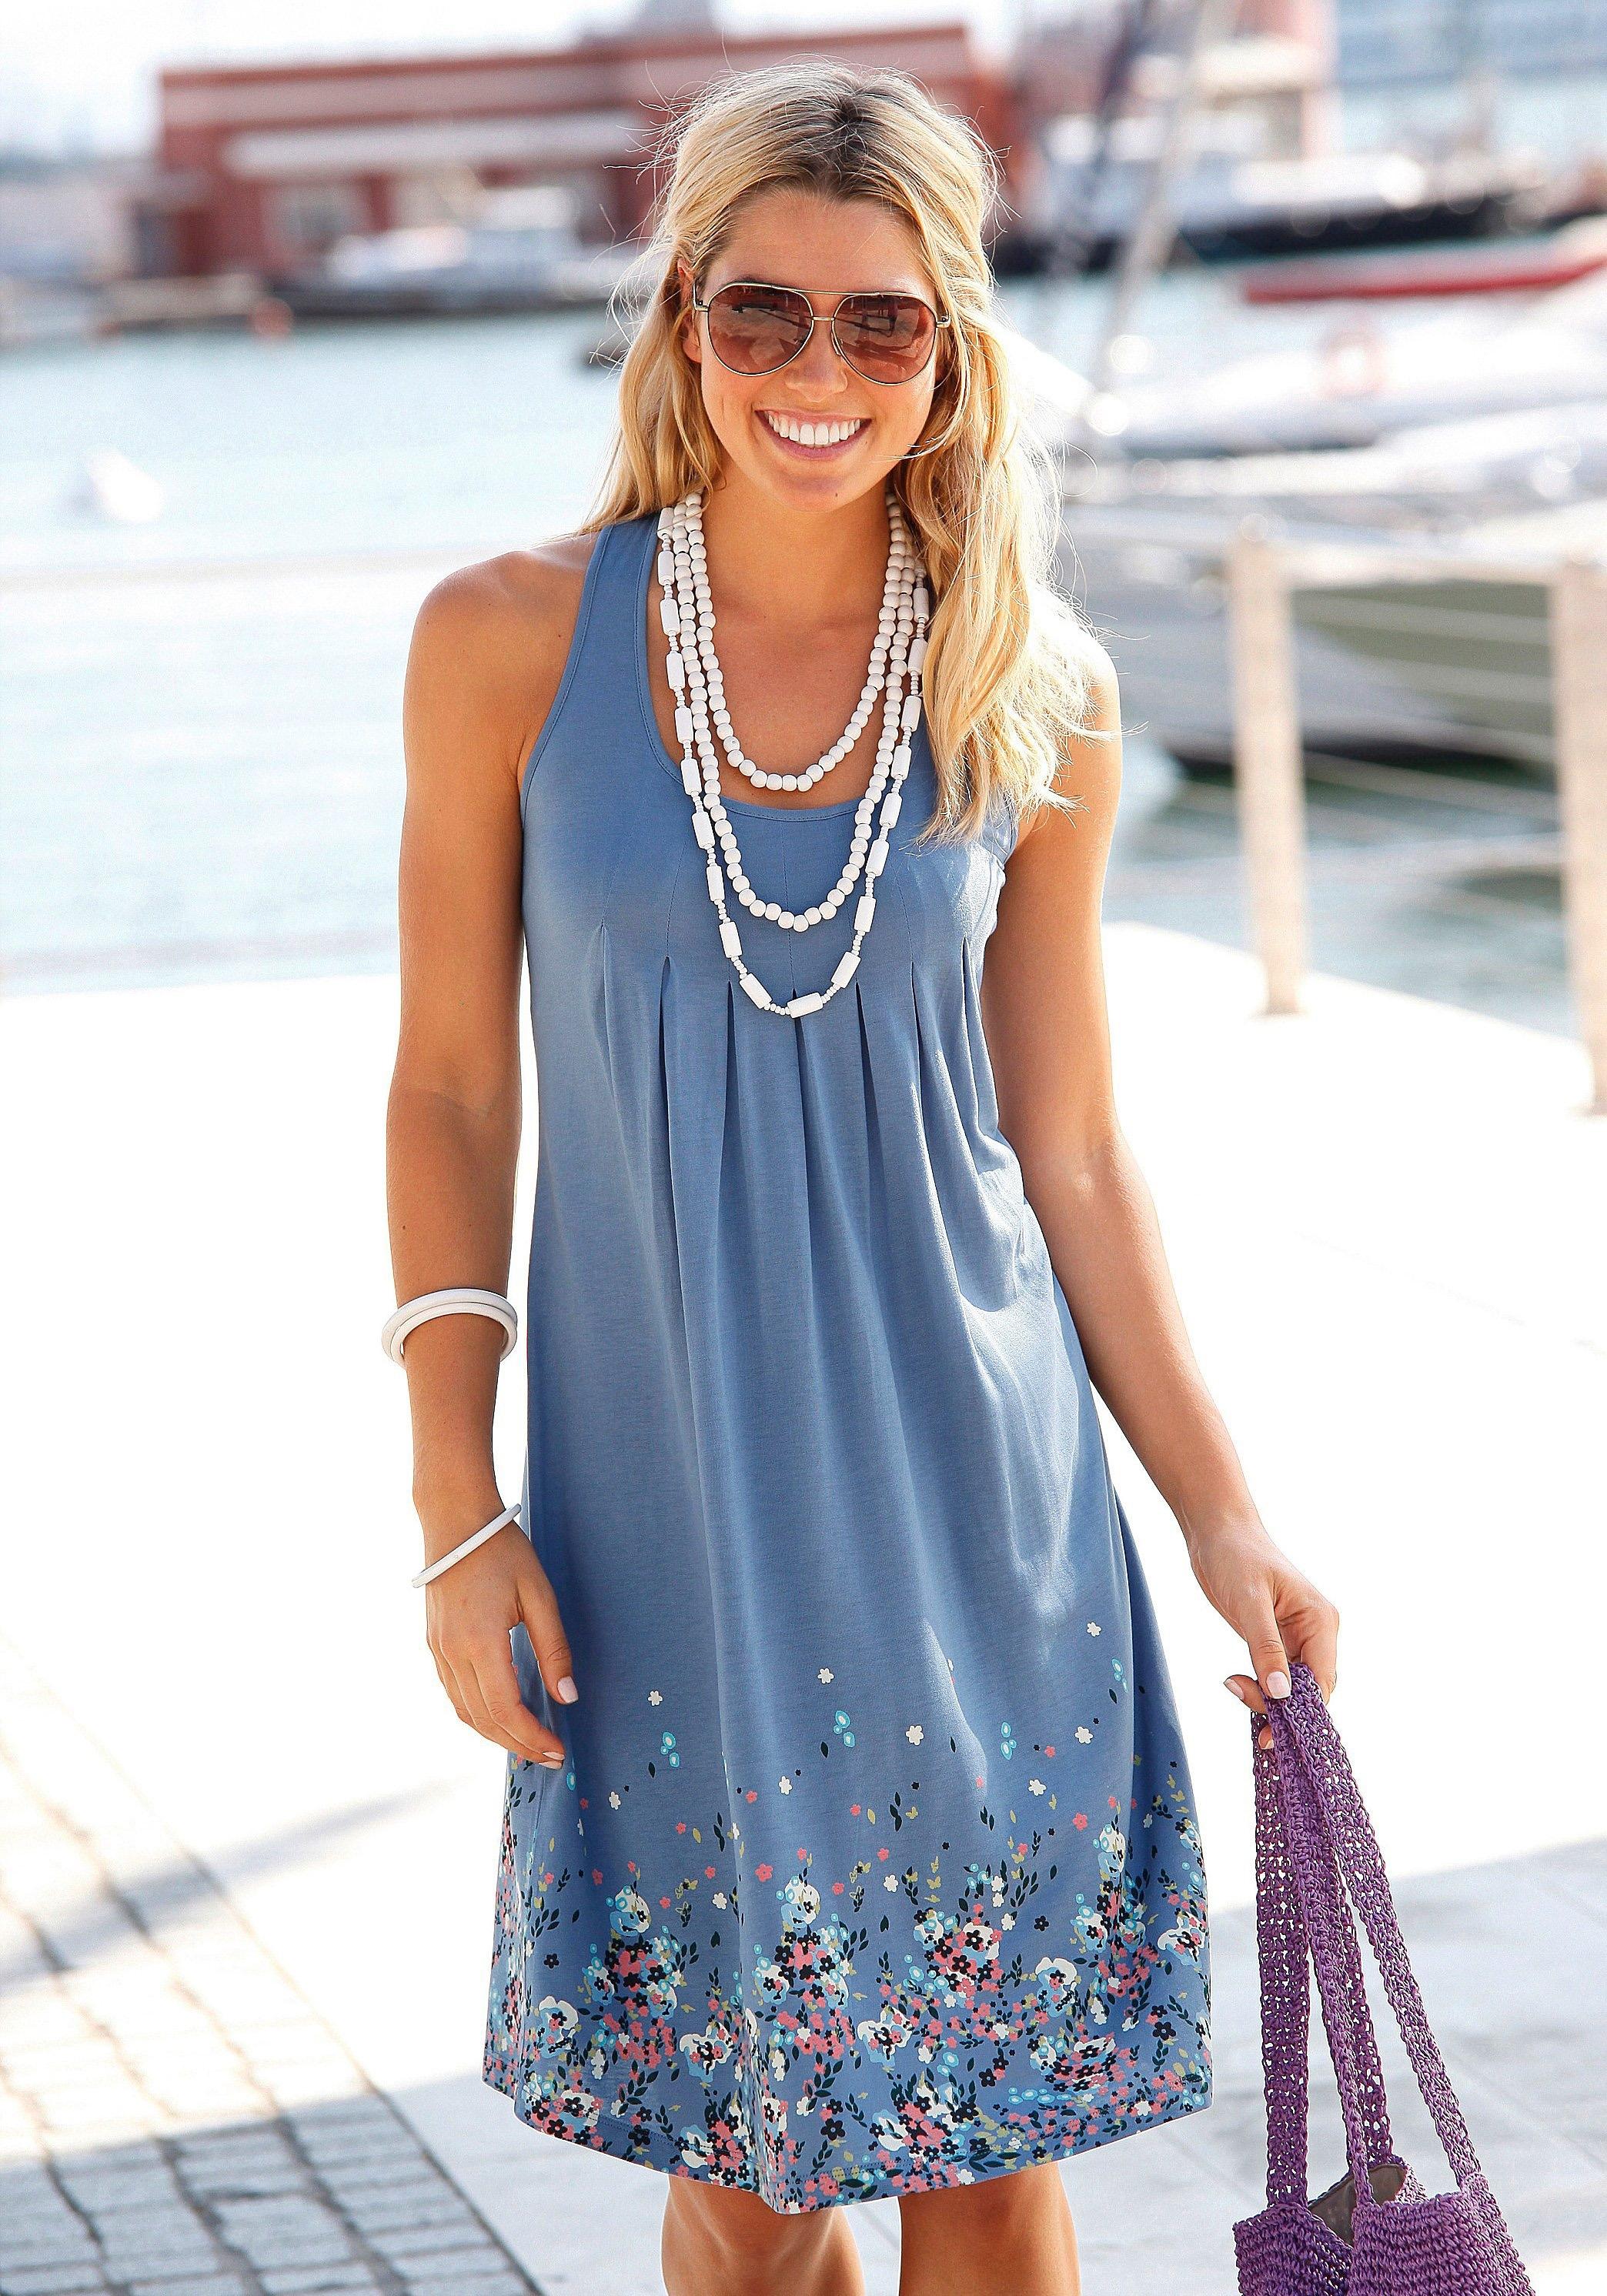 07c00329f4eaef Blauwe jurk kopen  Shop jouw blauwe jurk online